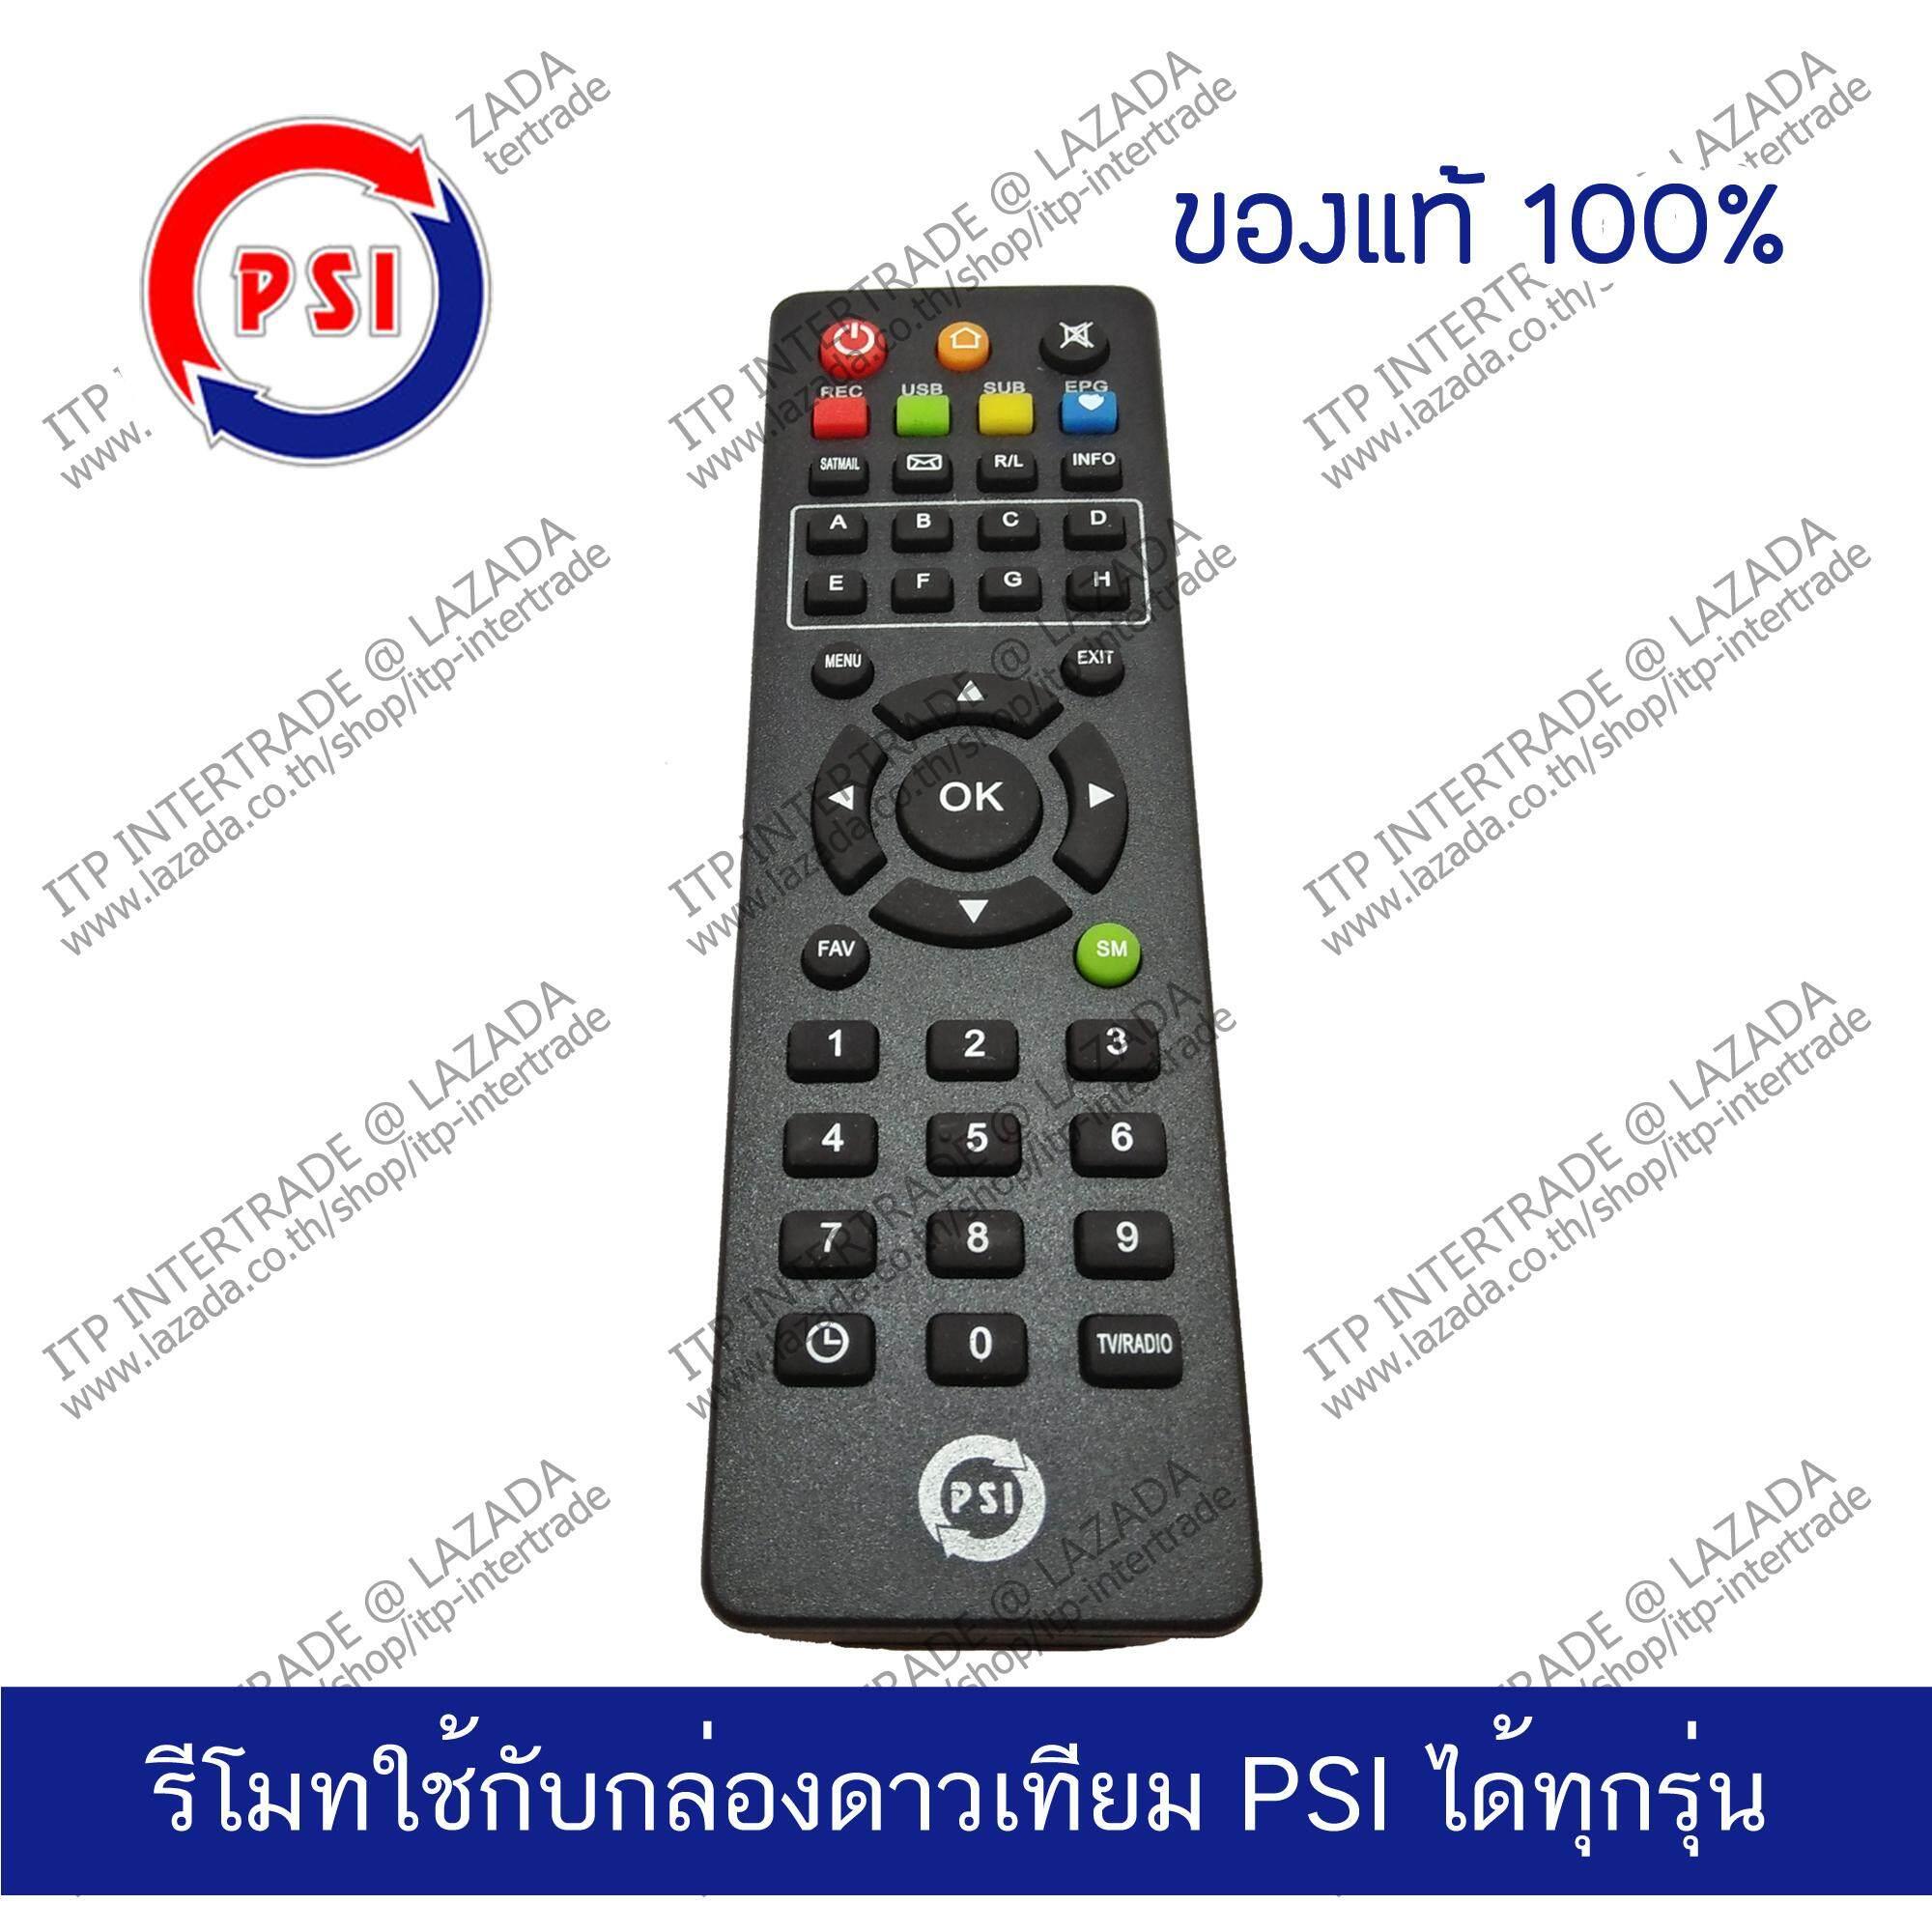 สุดยอดสินค้า!! PSI Remote รีโมทใช้กับกล่องดาวเทียม PSI ได้ทุกรุ่น ของแท้ 100% (ส่ง kerry ฟรี)